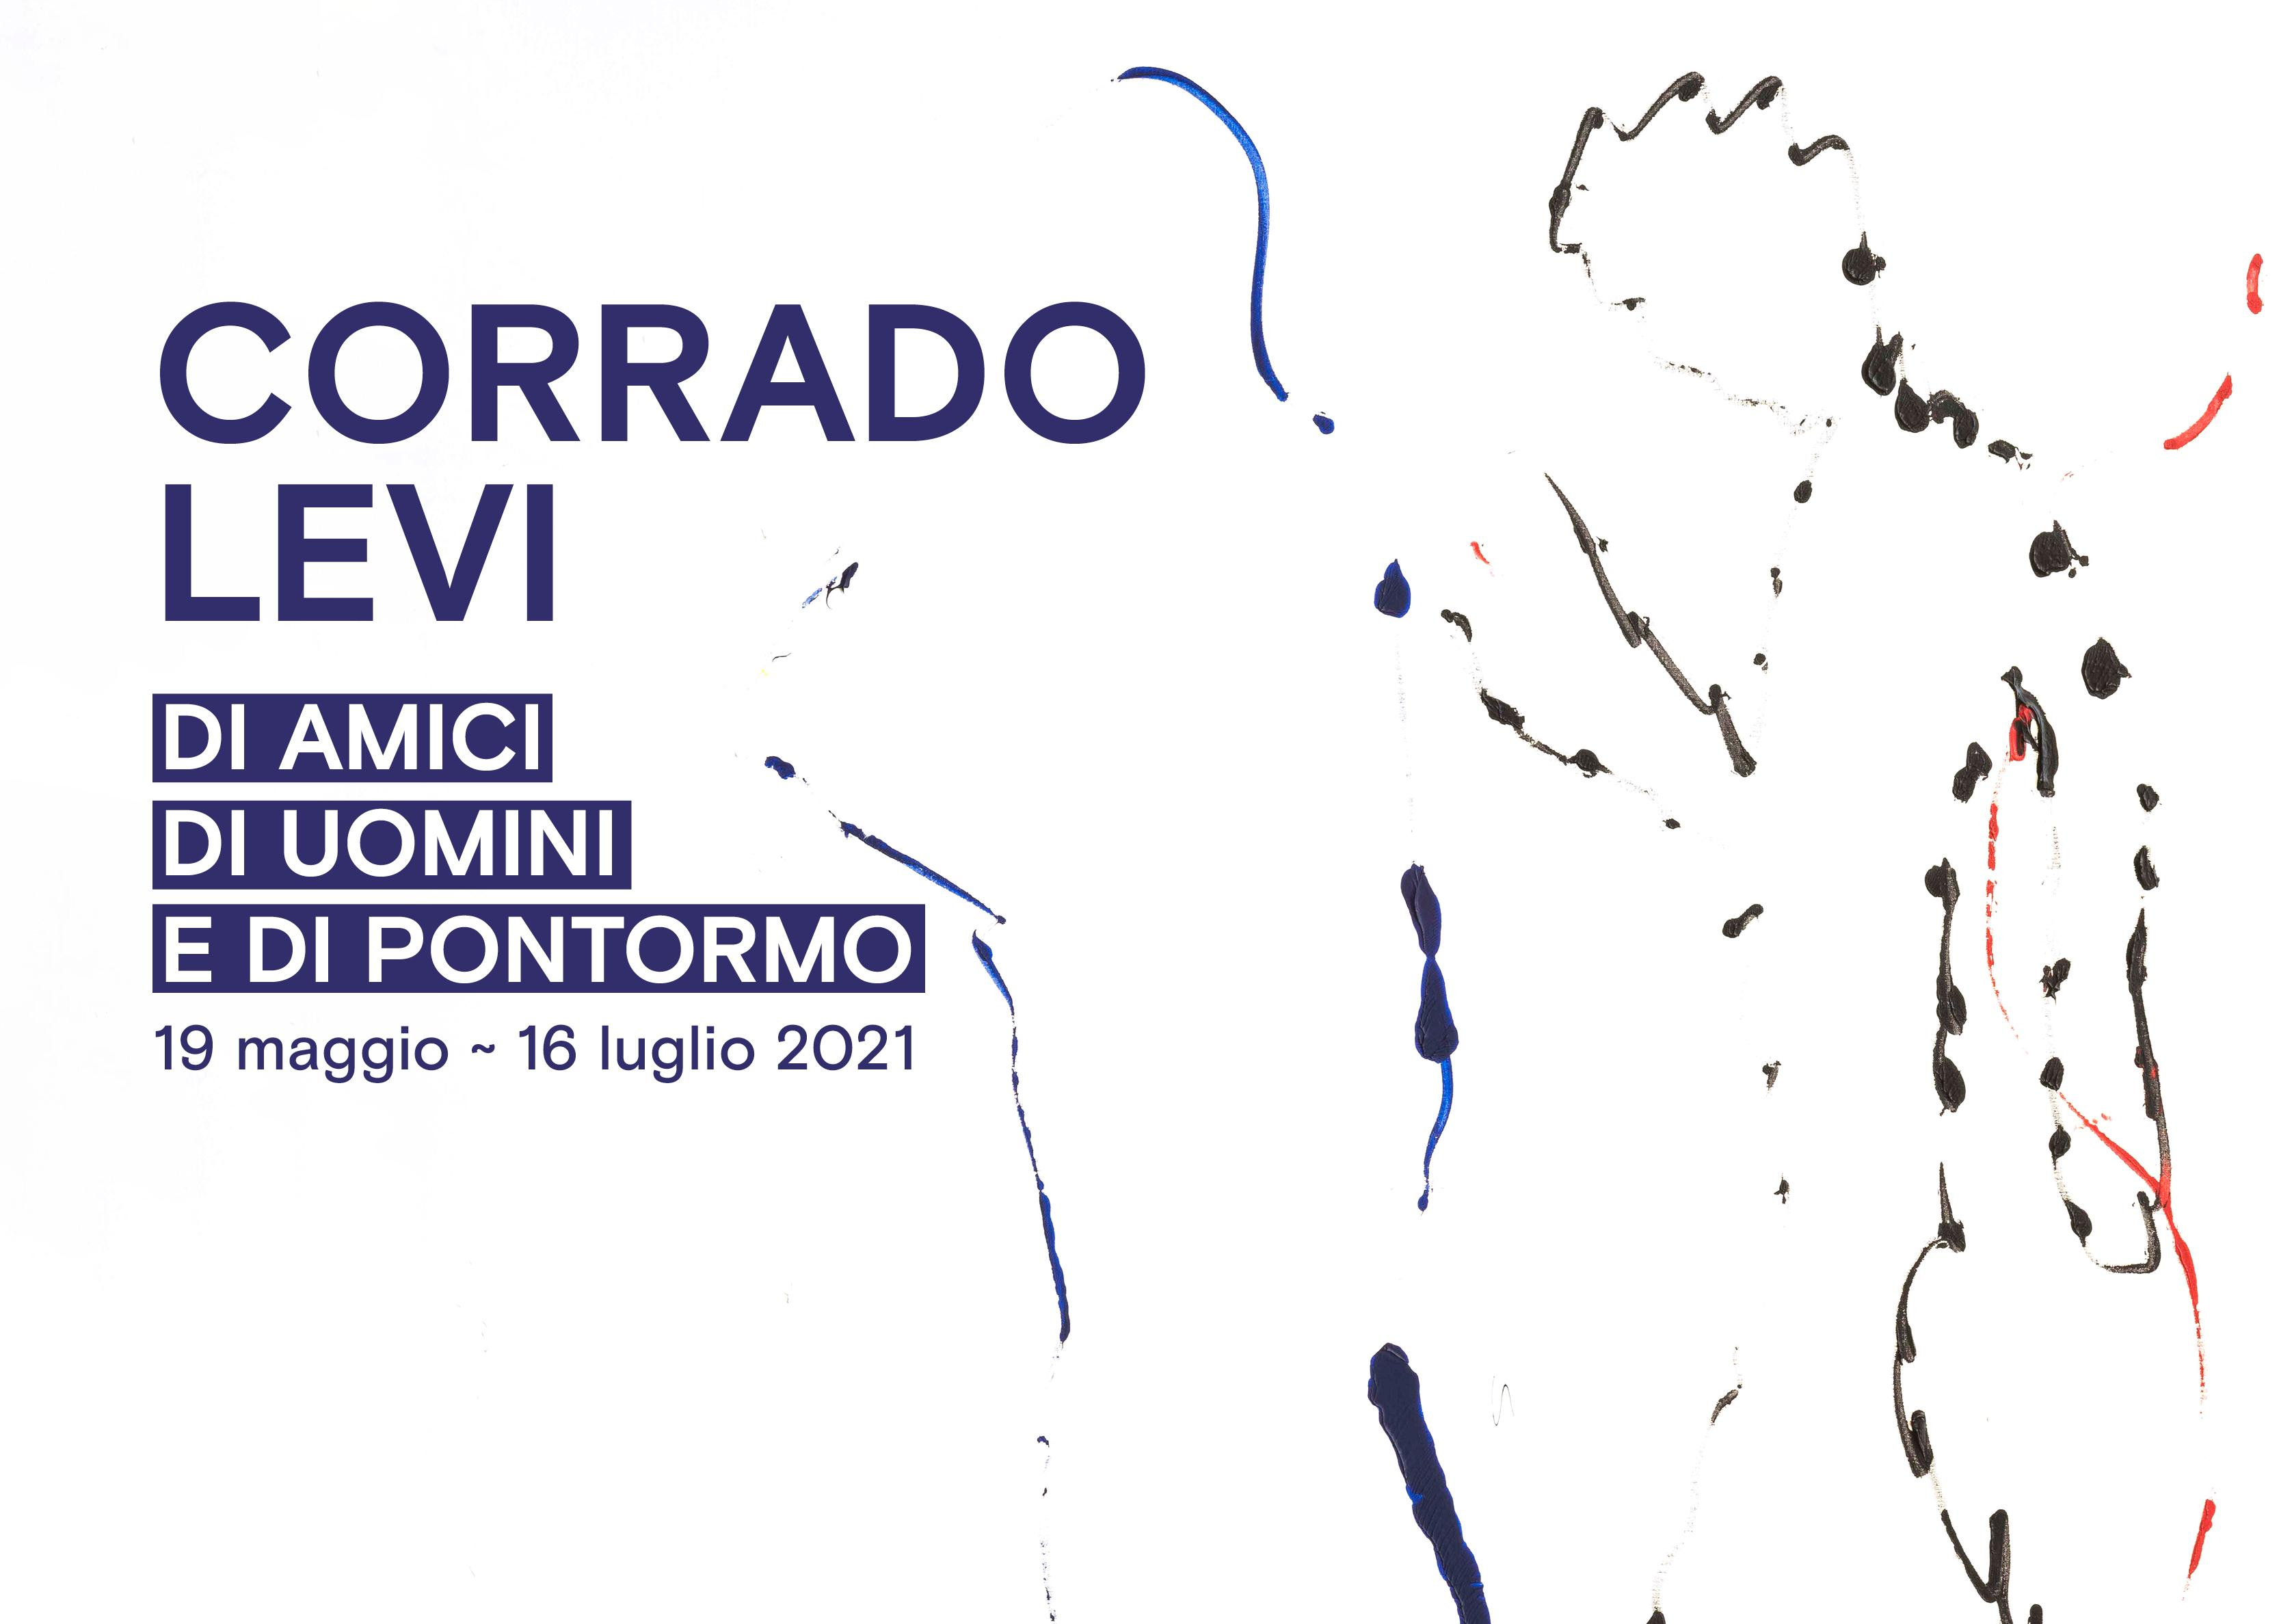 Corrado Levi - Di amici, di uomini e di Pontormo